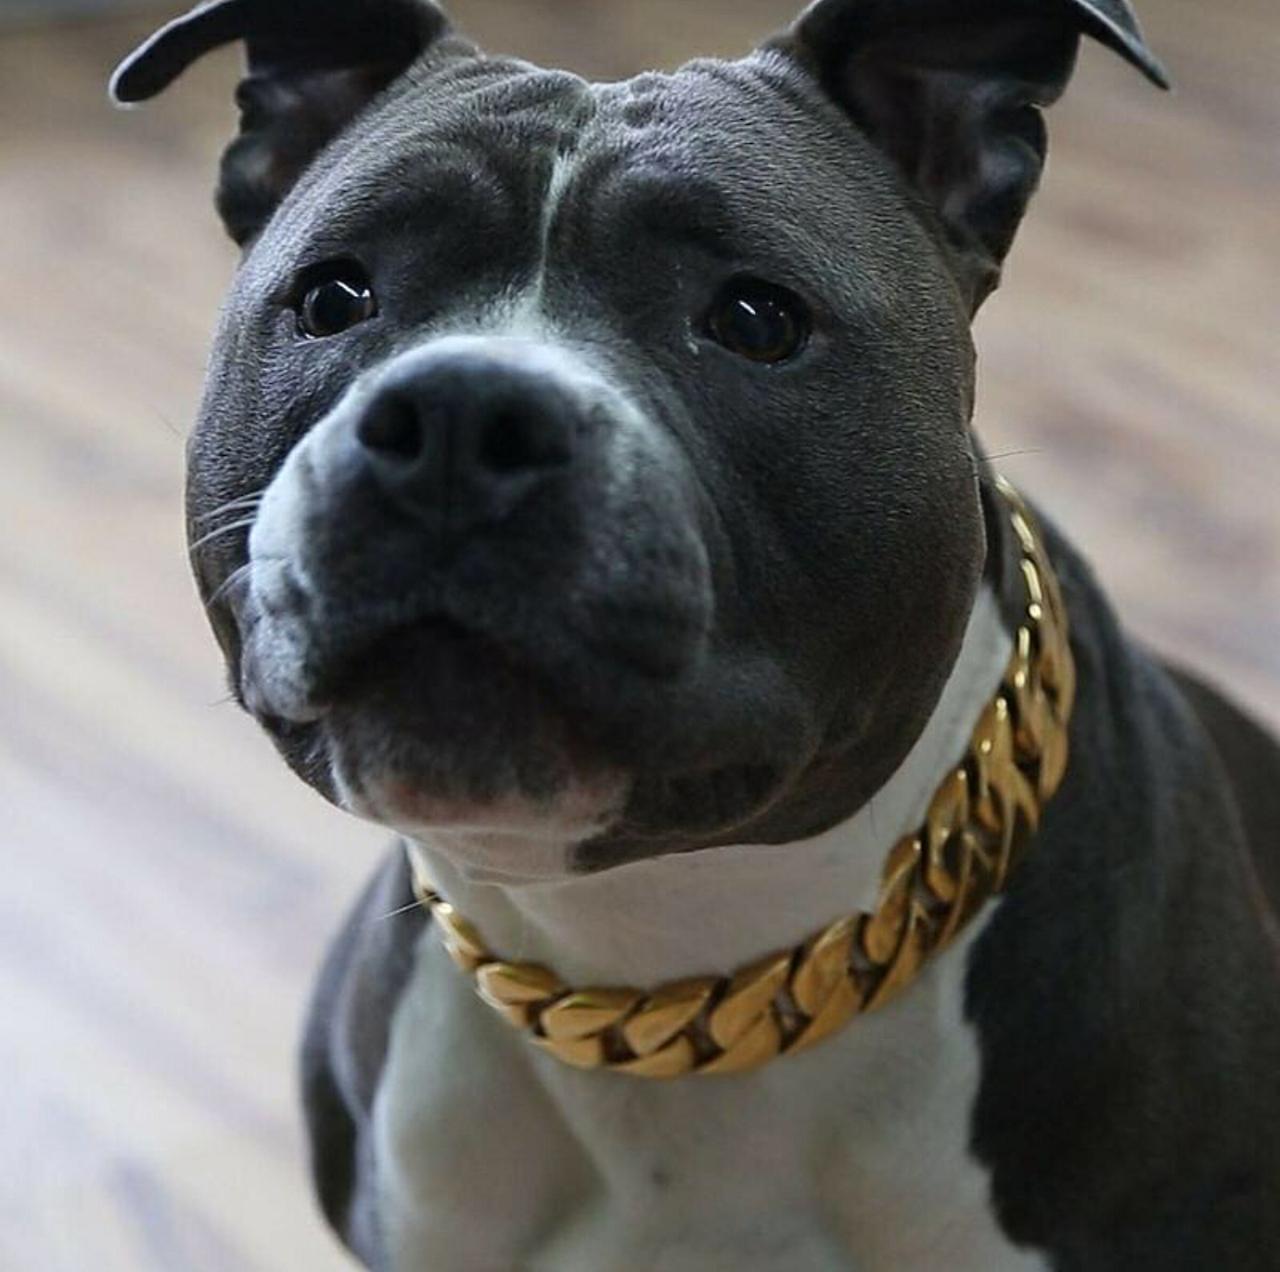 Http Gucci Flipflops Tumblr Com Post 163546298604 Big Dog Collars Pitbulls Pitbull Dog